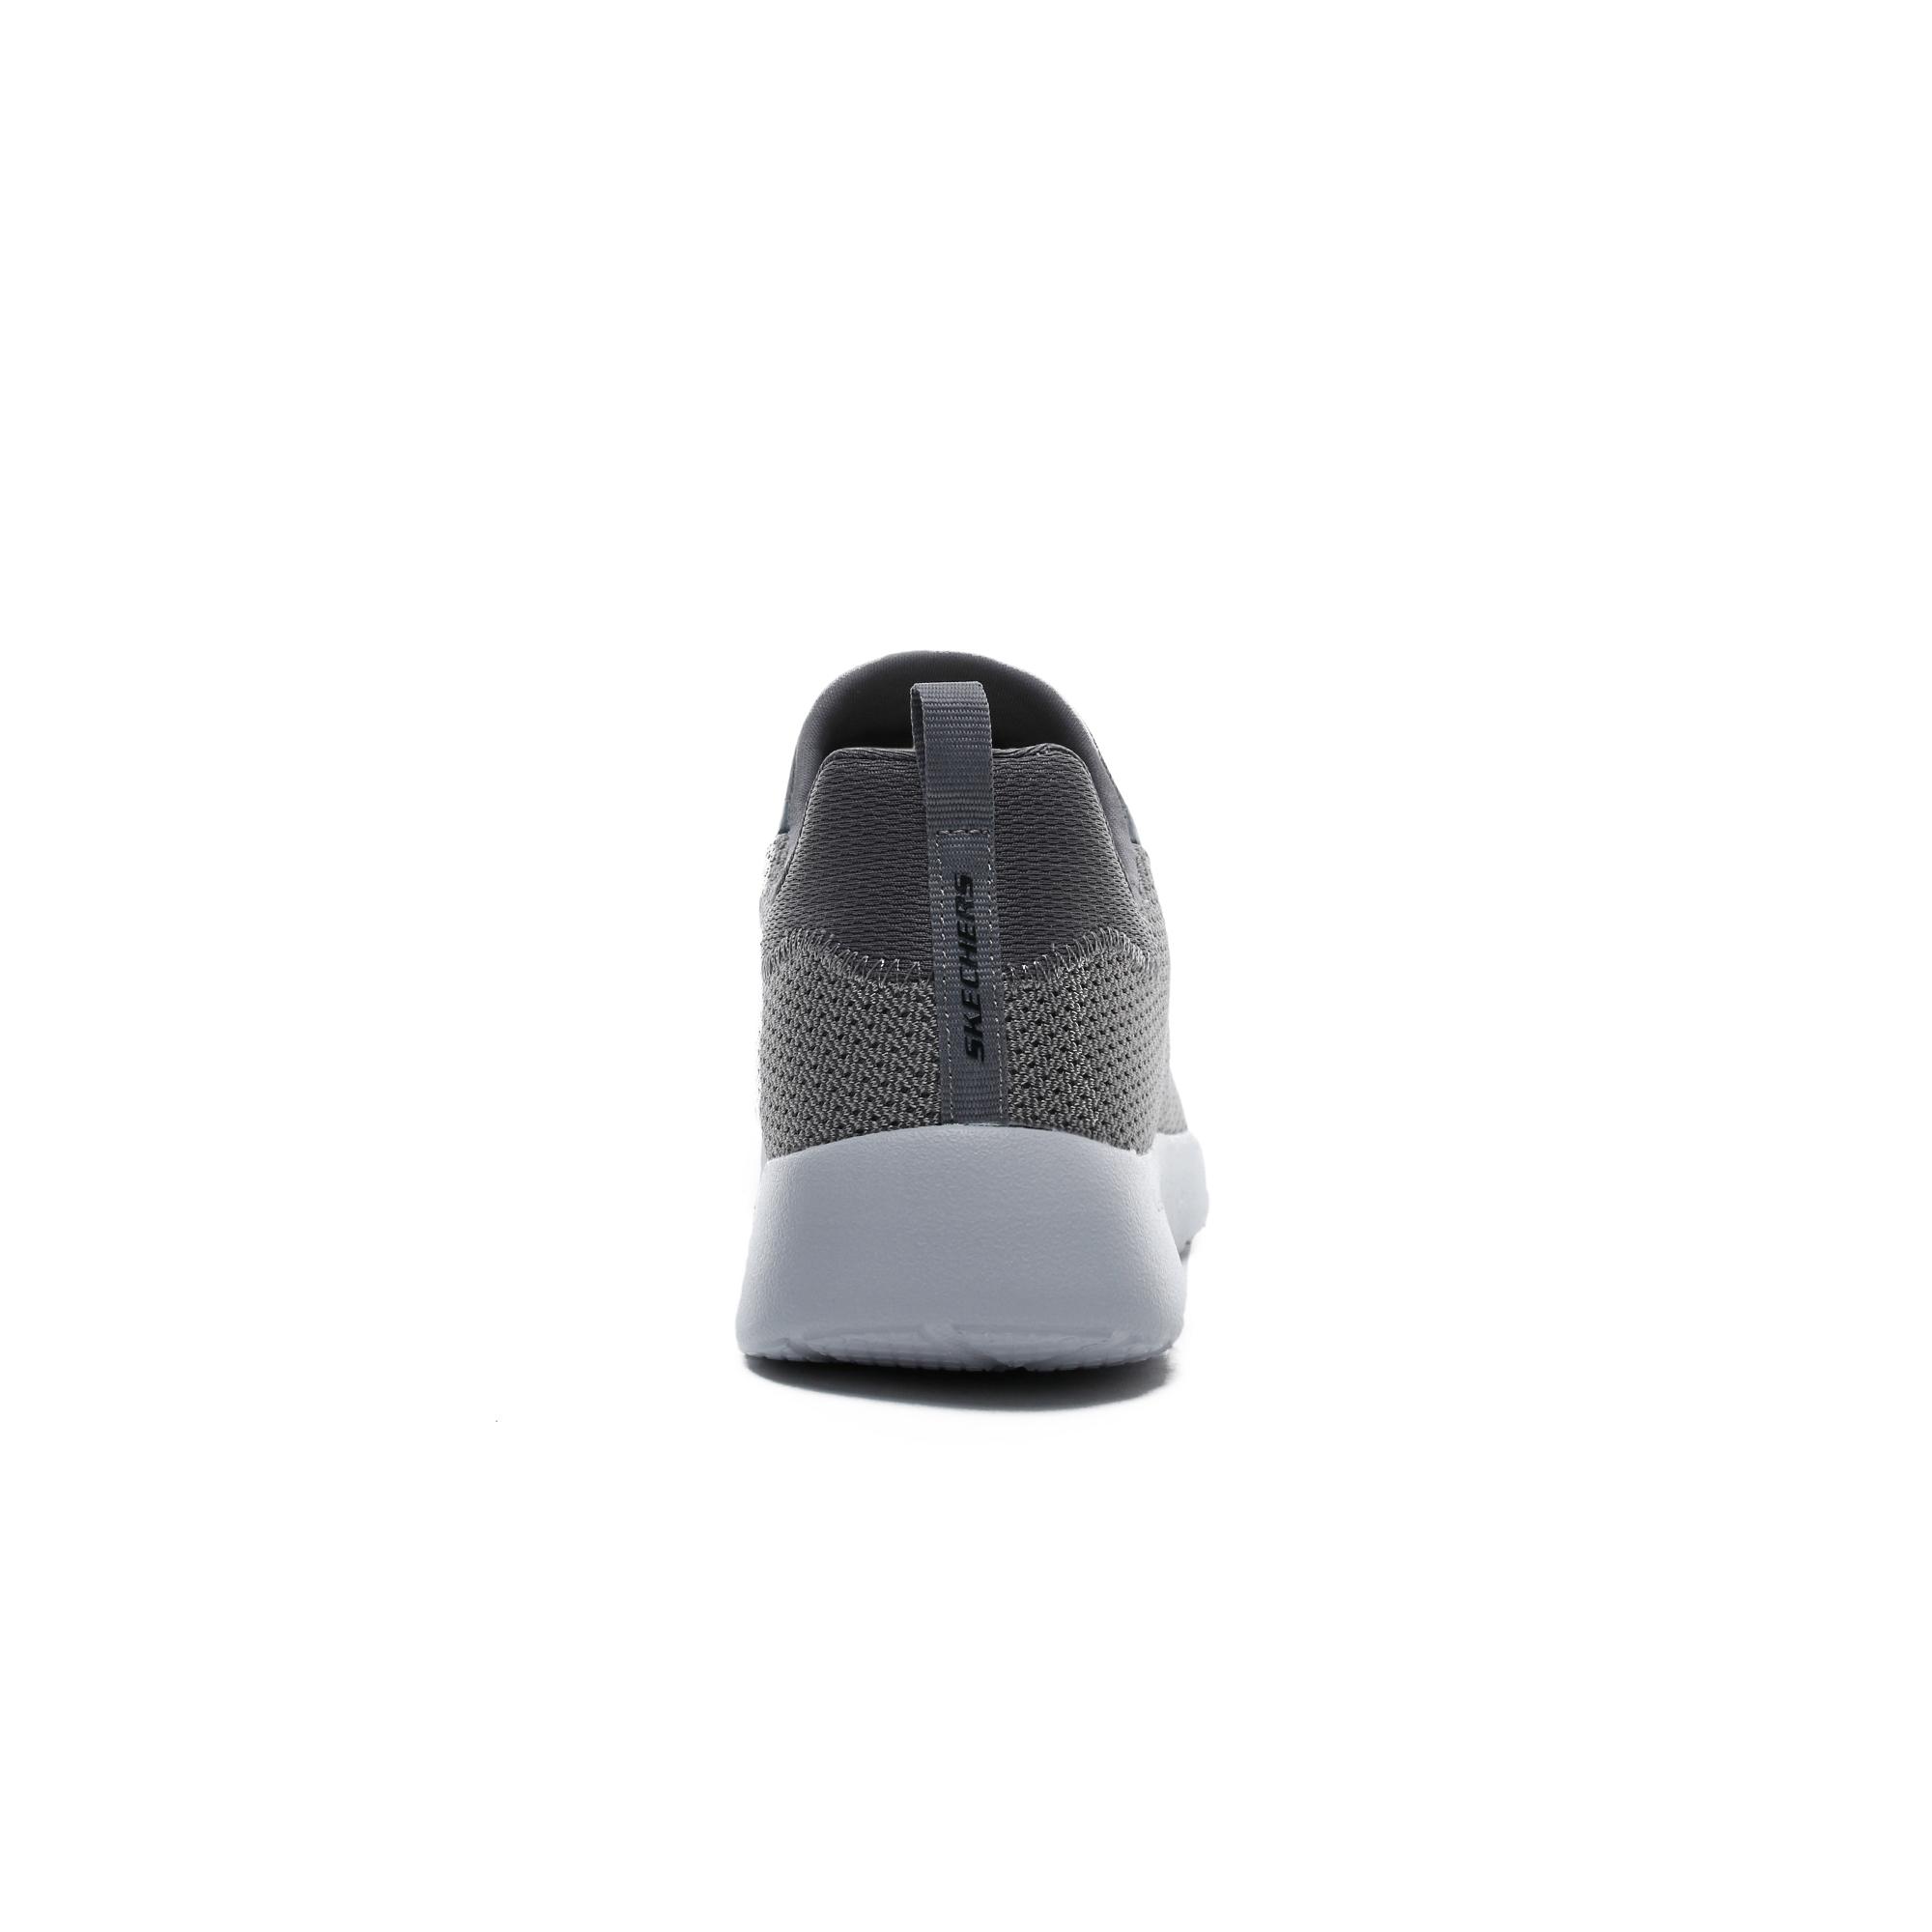 Skechers Dynamight Gri Erkek Spor Ayakkabı